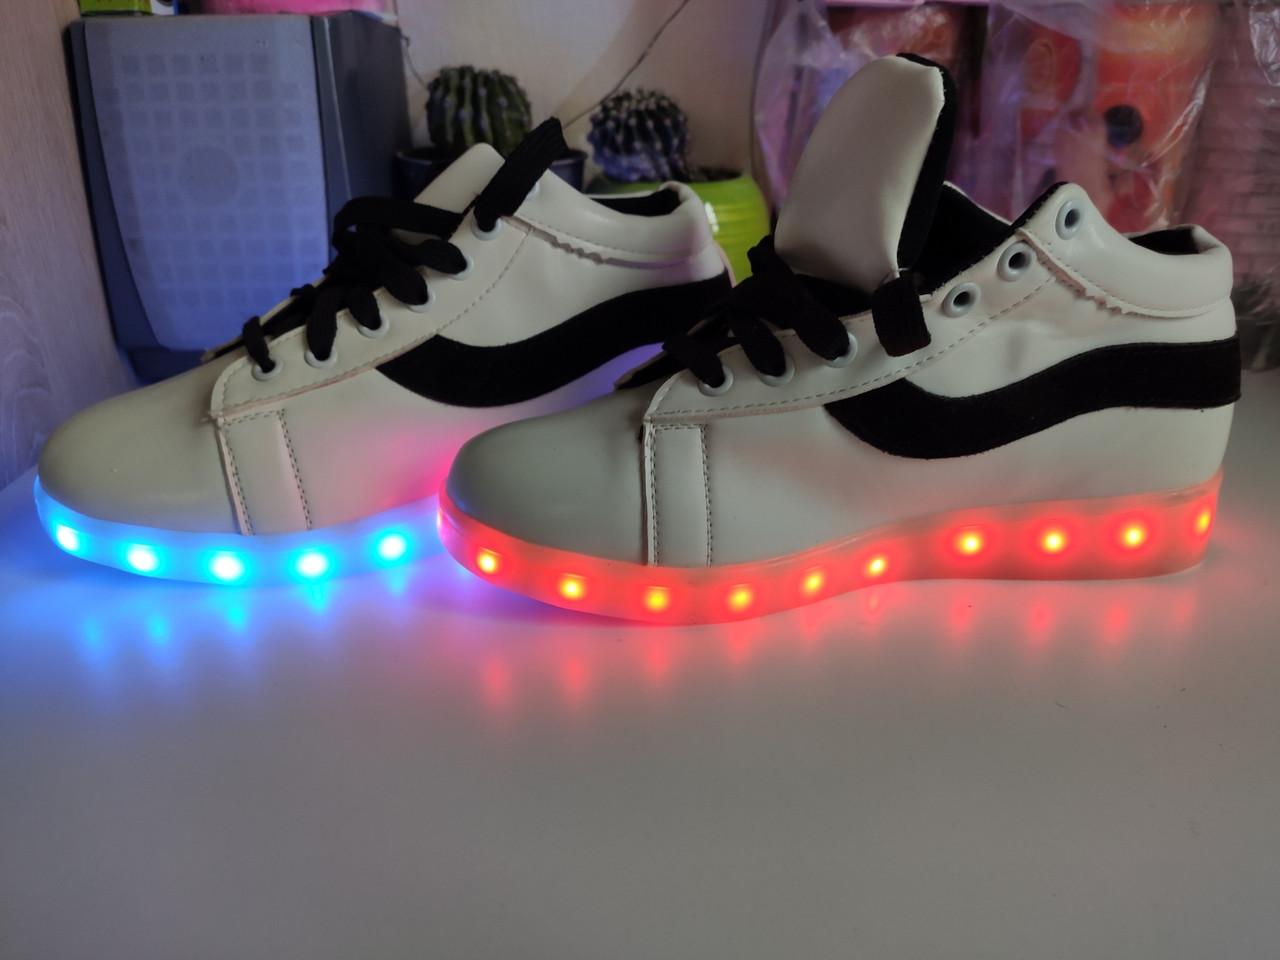 Кросівки Супер Хіт з підсвіткою підошви, LED 38-й розмір